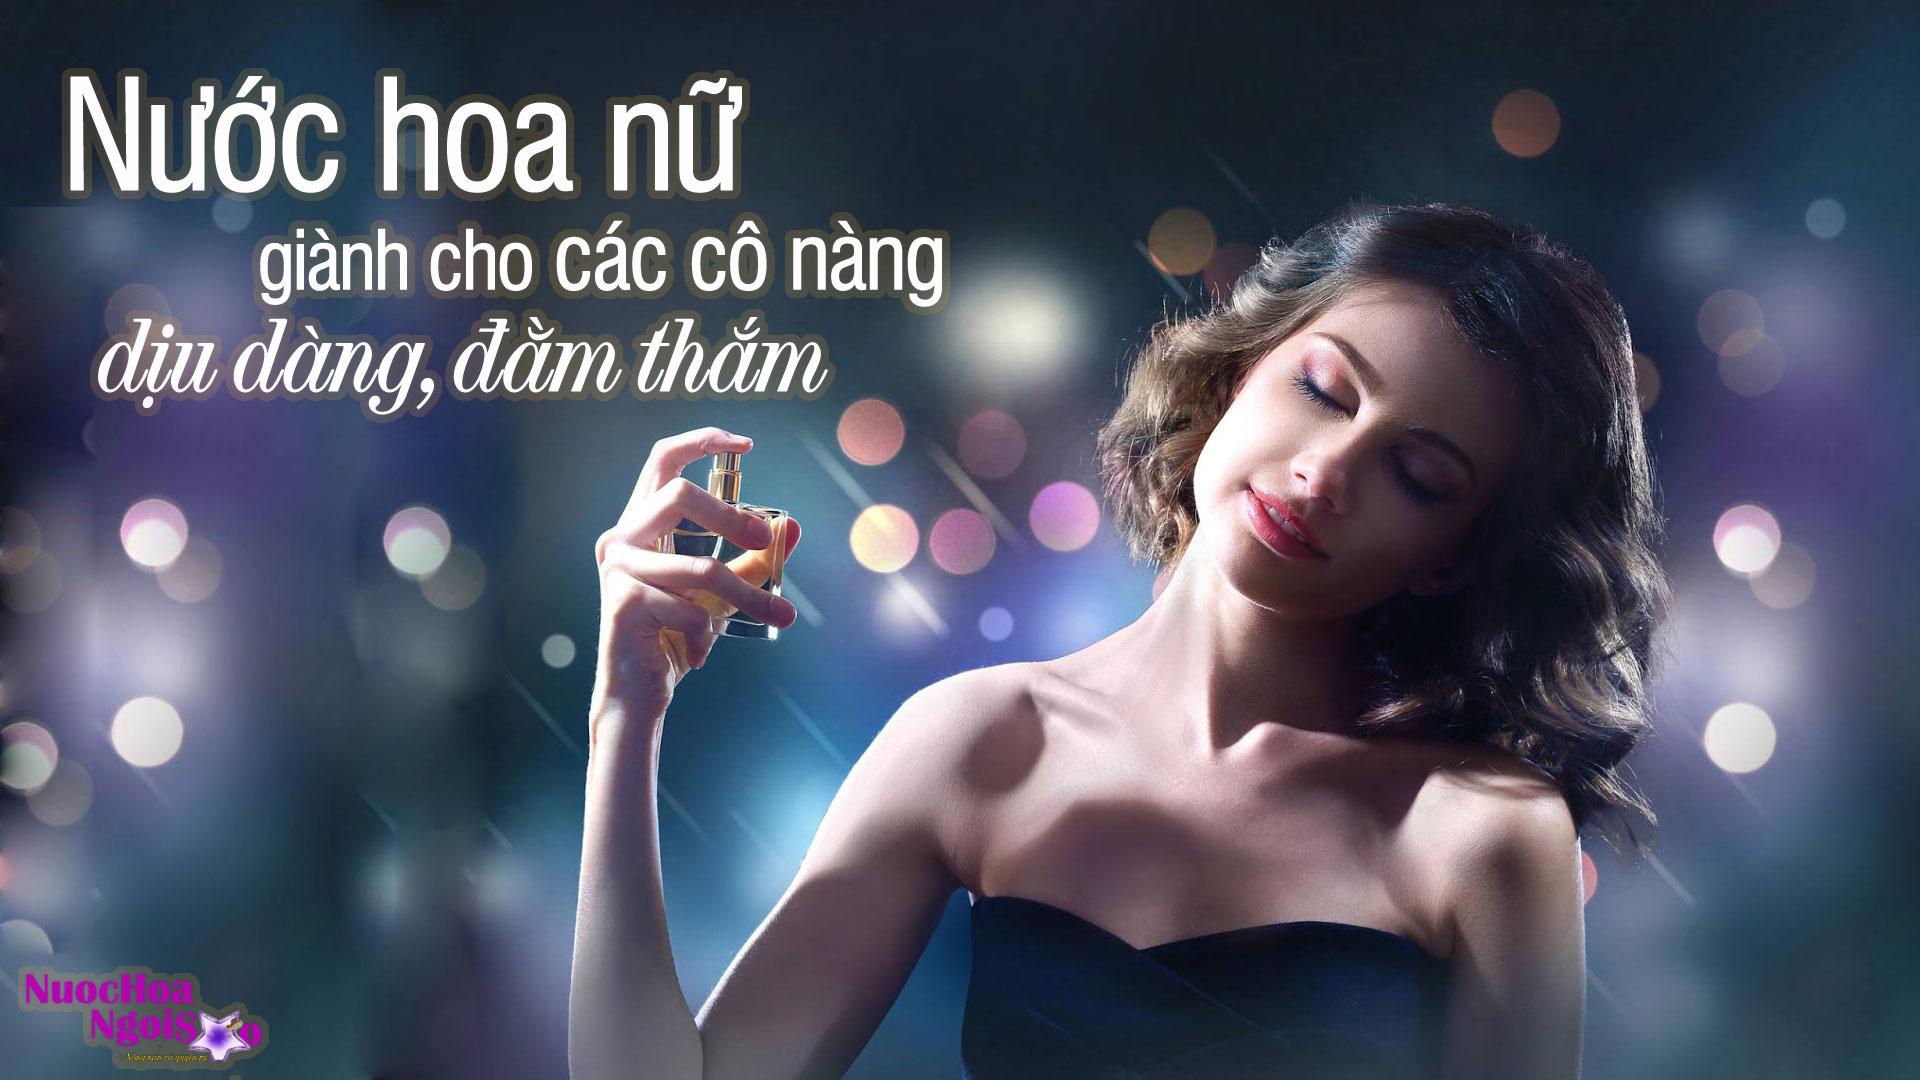 Gợi ý 3 chai nước hoa nữ thơm lâu giá rẻ mùi dịu ngọt giành cho các cô nàng dịu dàng